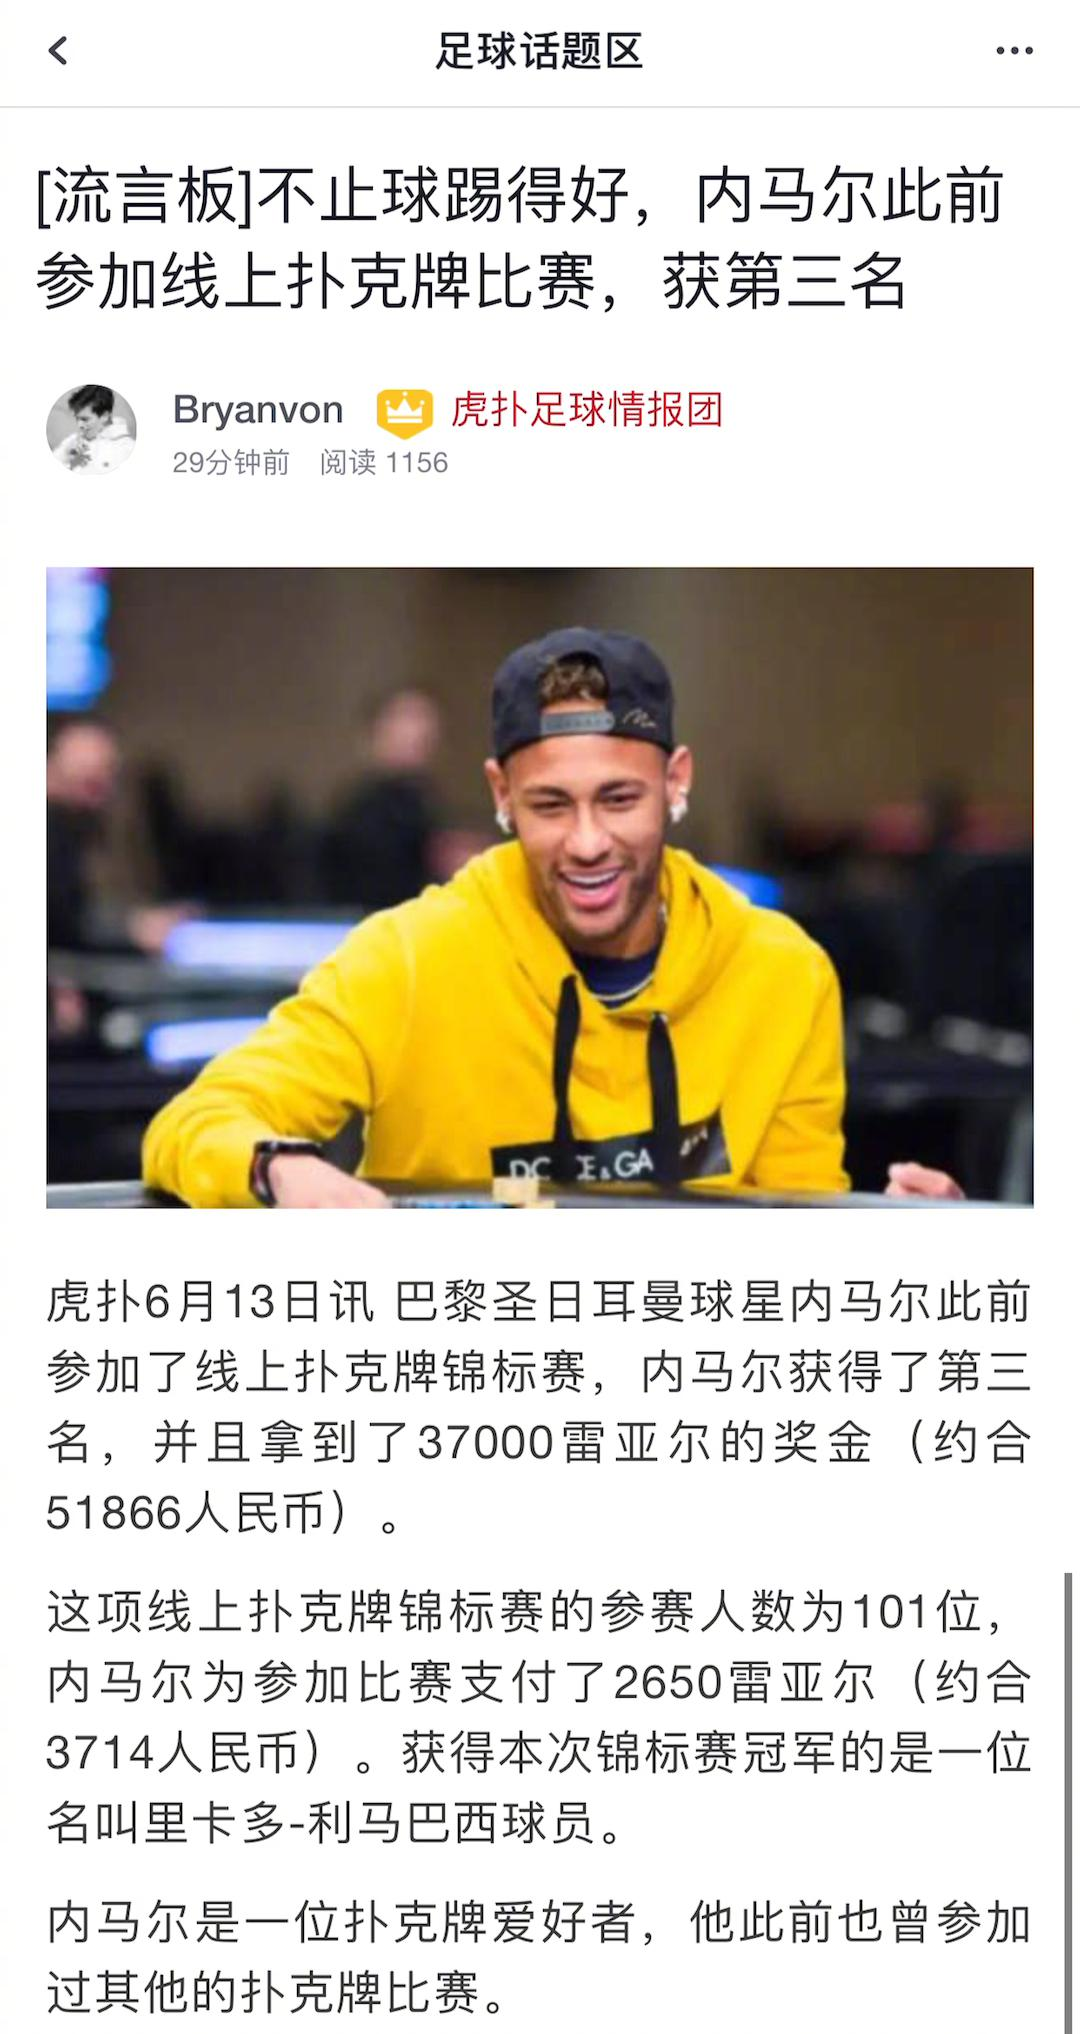 不止球踢得好,内马尔此前参加线上扑克牌比赛……